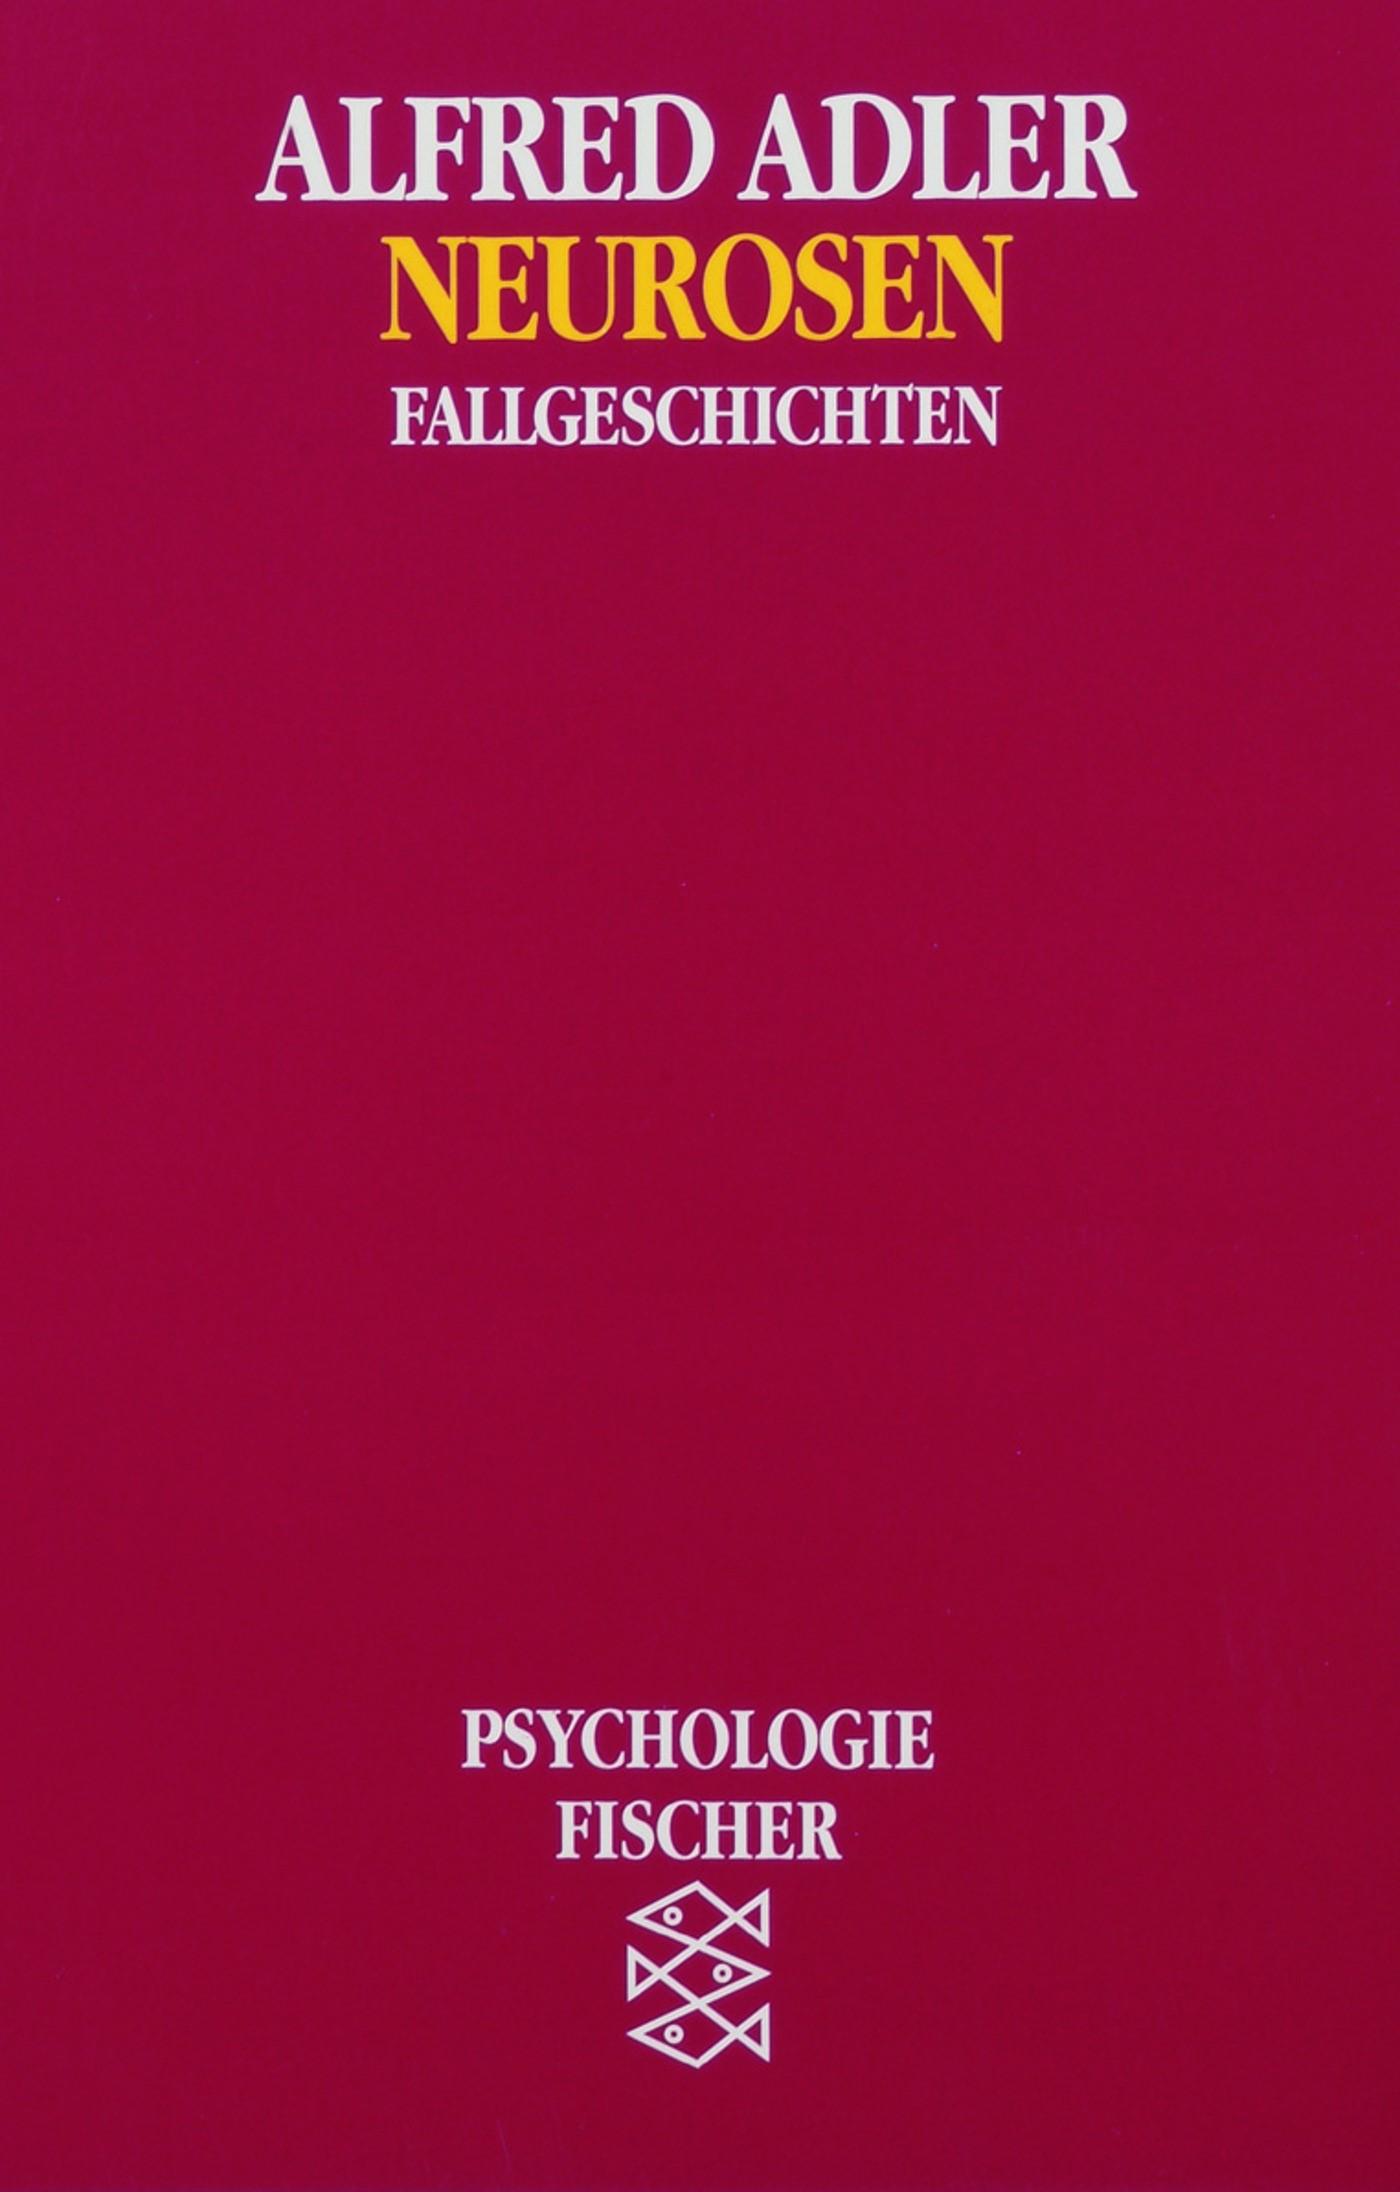 Abbildung von Adler | Neurosen | 1981